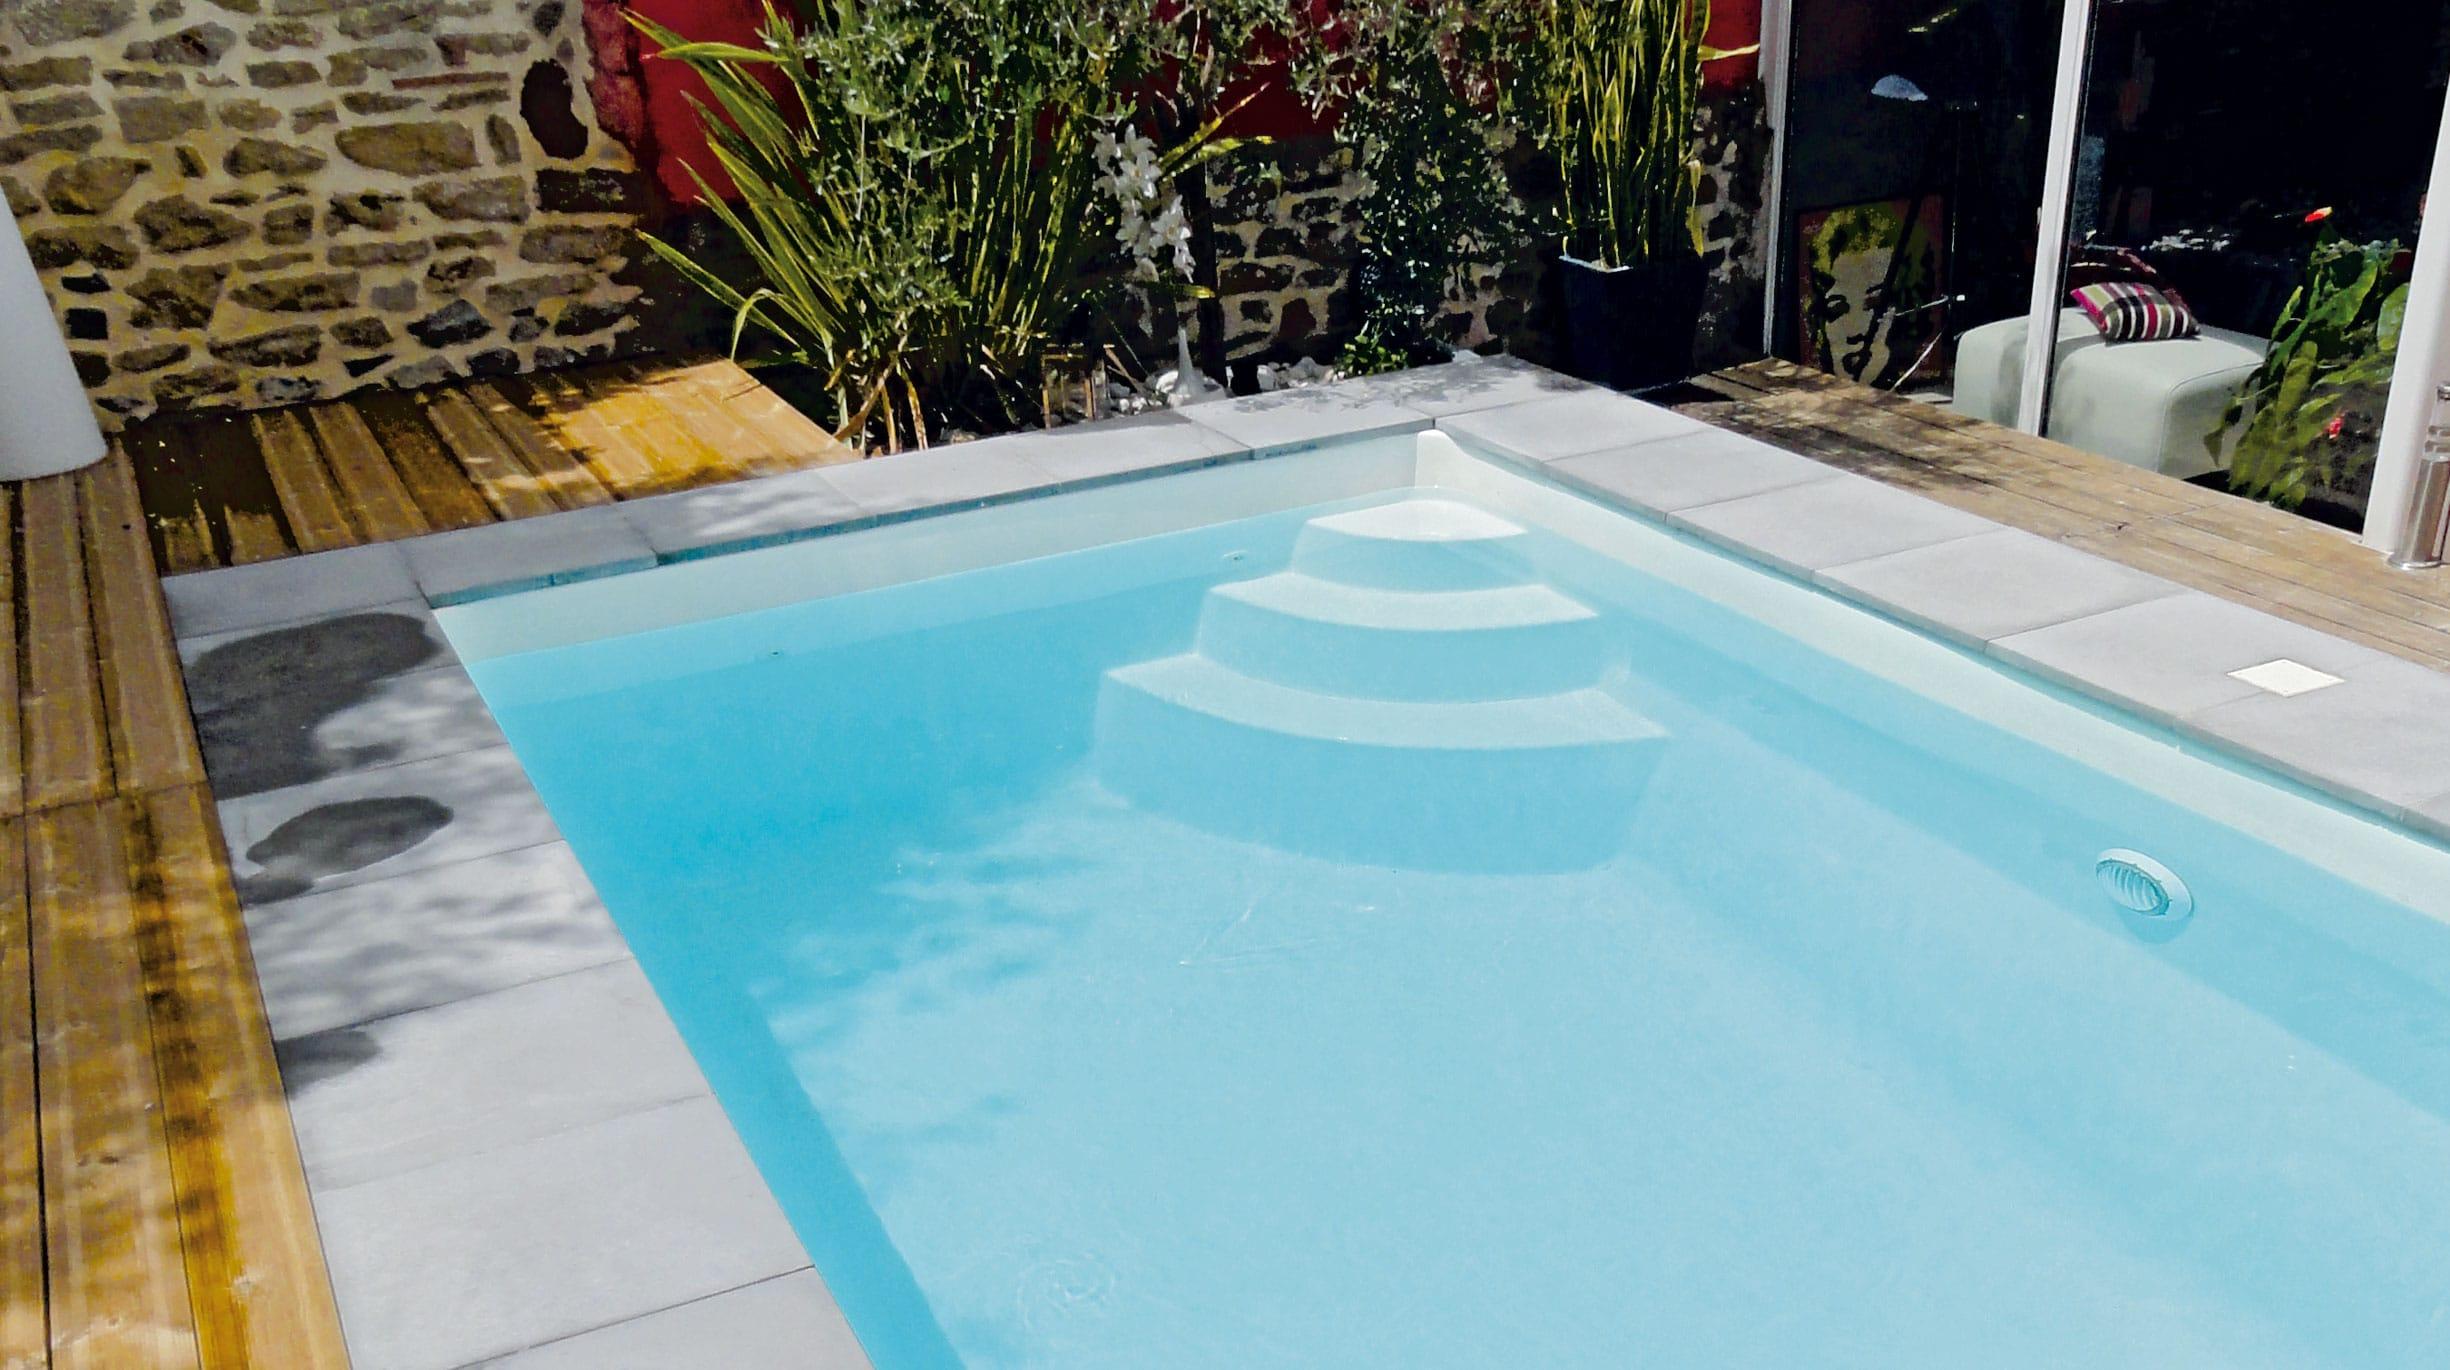 gp_actu_Juillet-CotePiscine_mejean Des idées d'accessoires pour décorer les abords de sa piscine à coque